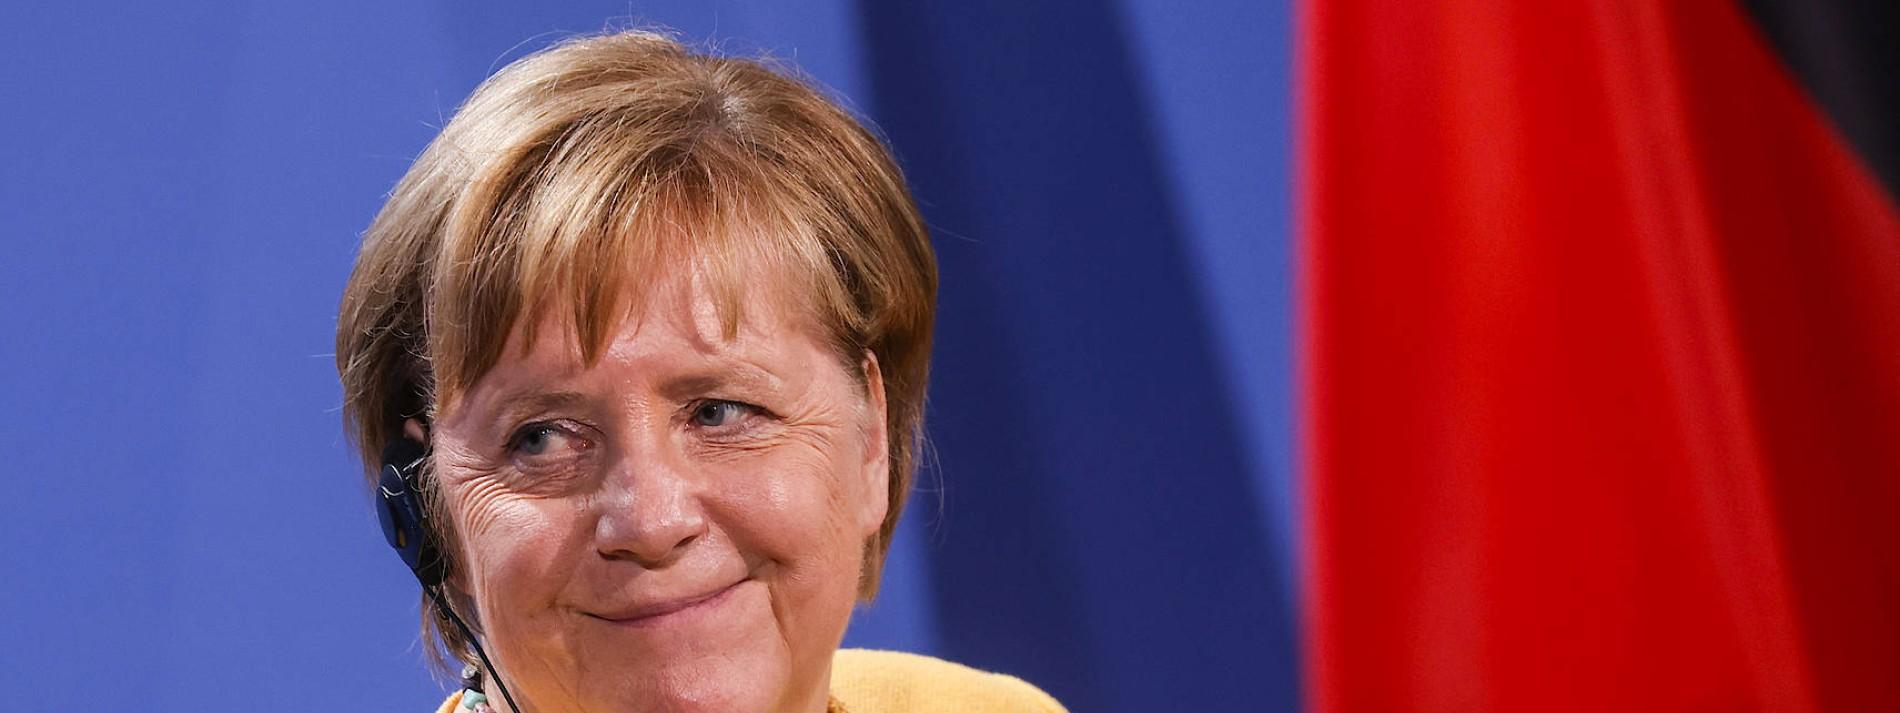 Merkel sagt mehr Impfstoff für Entwicklungsländer zu